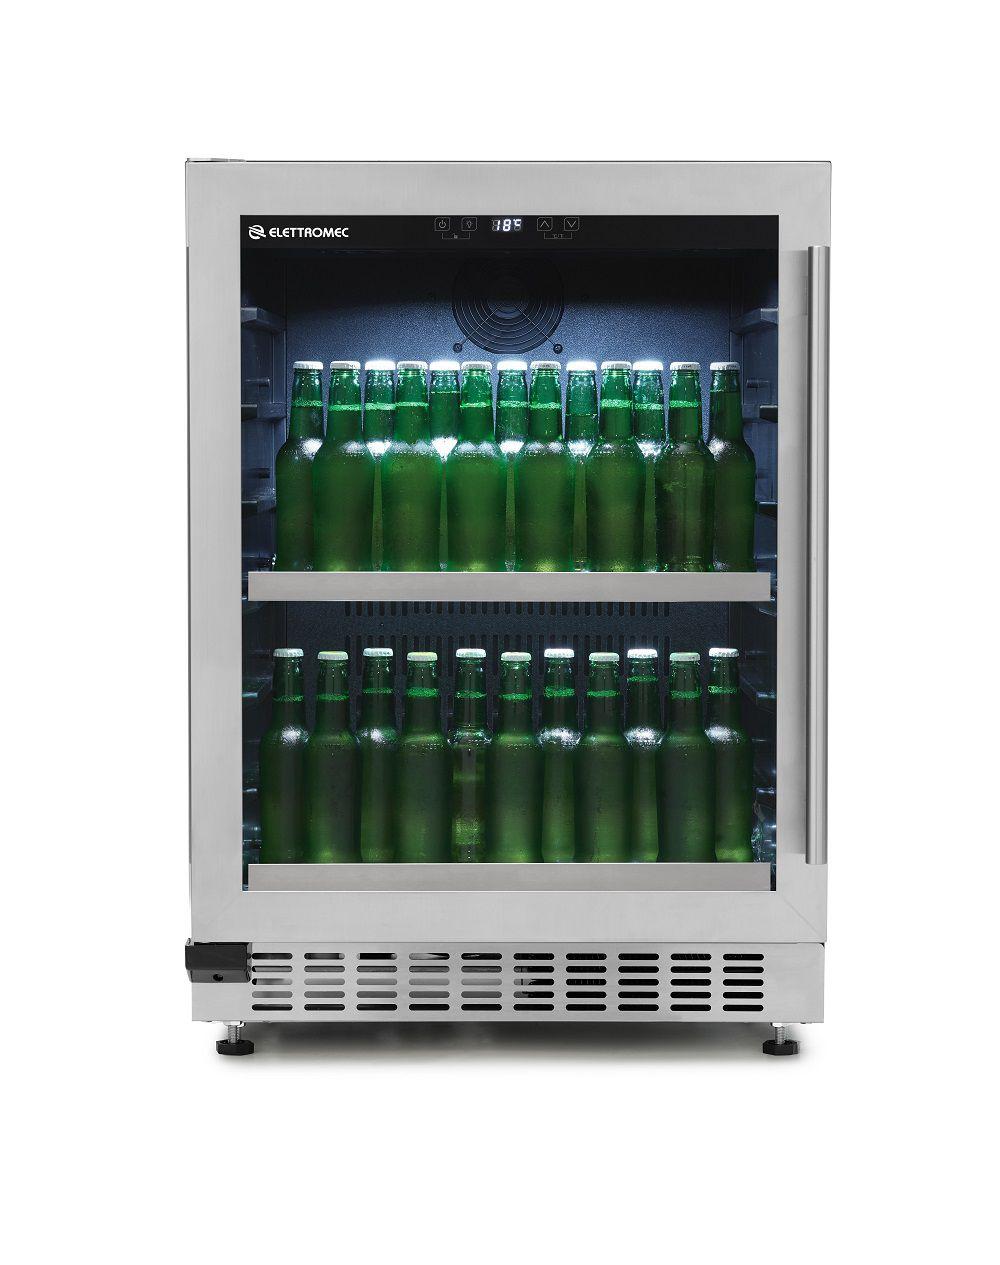 Beer Center 135 Litros Built-In Abertura Lado Esquerdo Elettromec